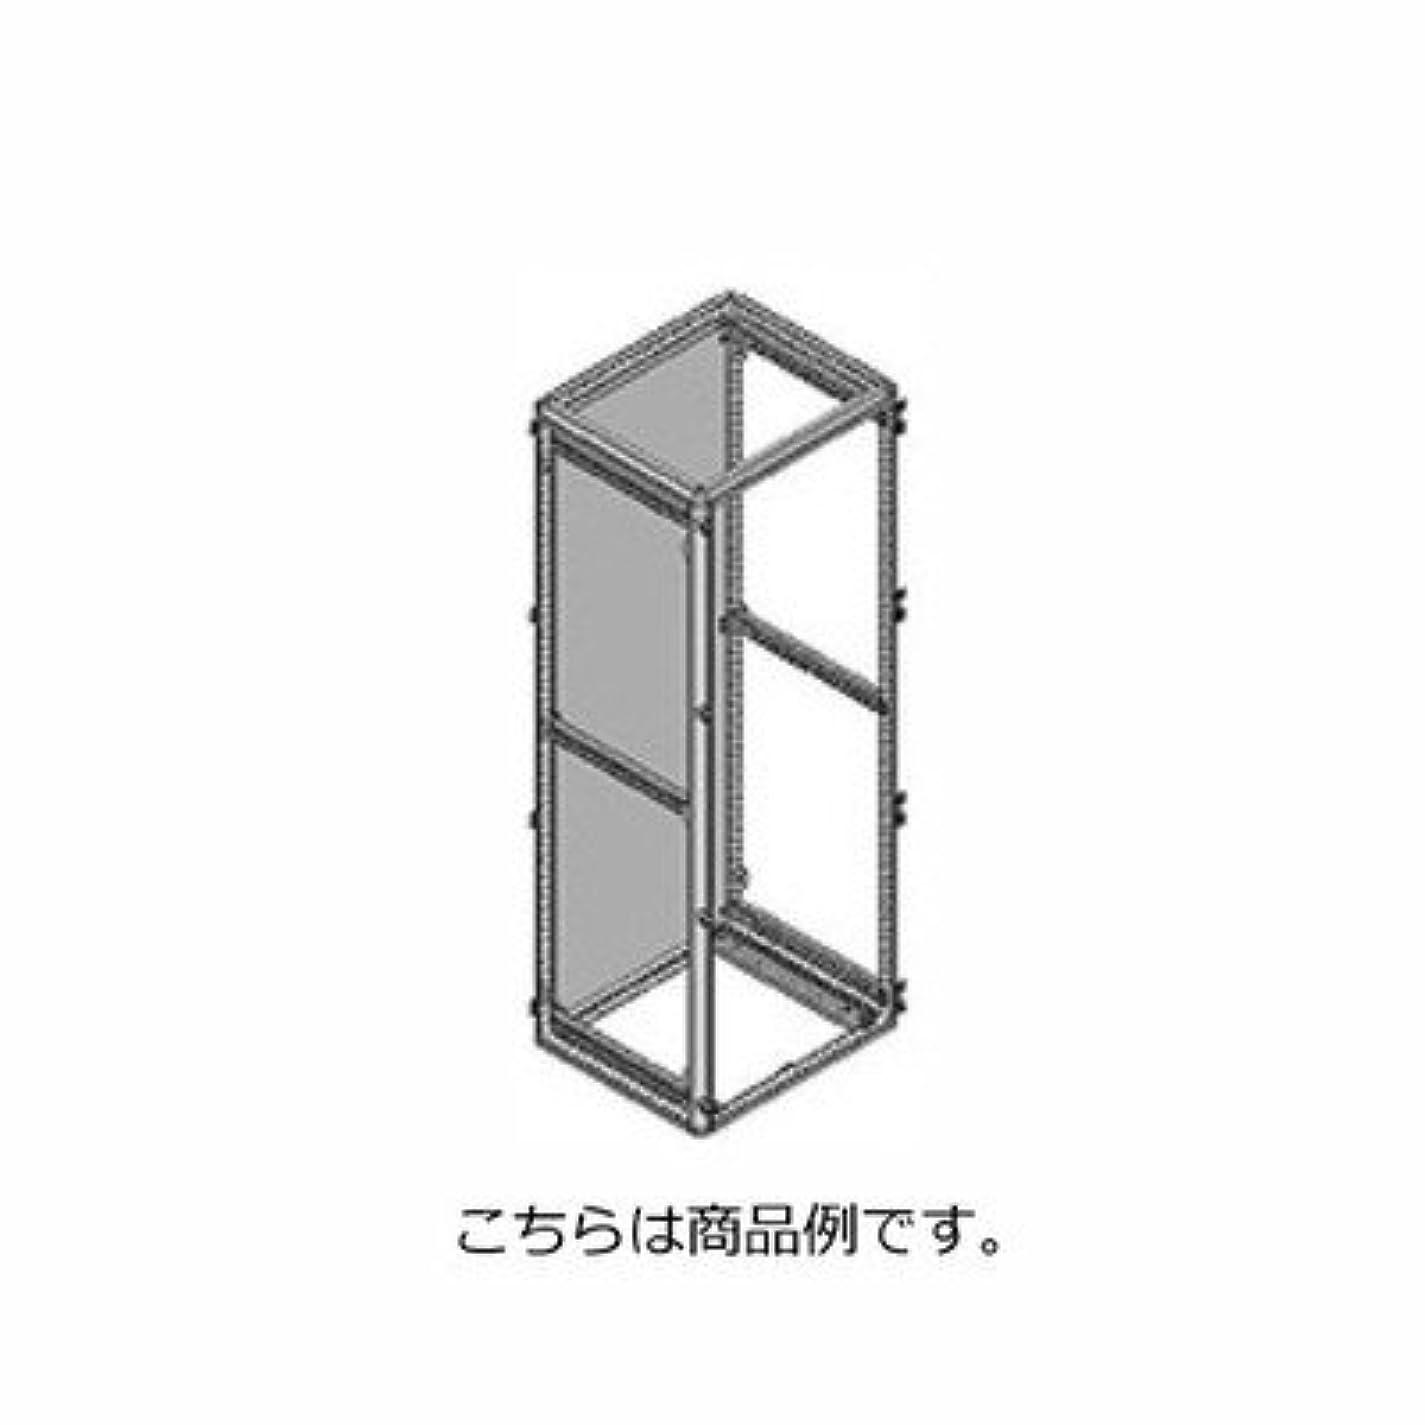 罰する古くなったコマース日東工業 FCX-Z40819T 鉄製基板セット FZシリーズ用